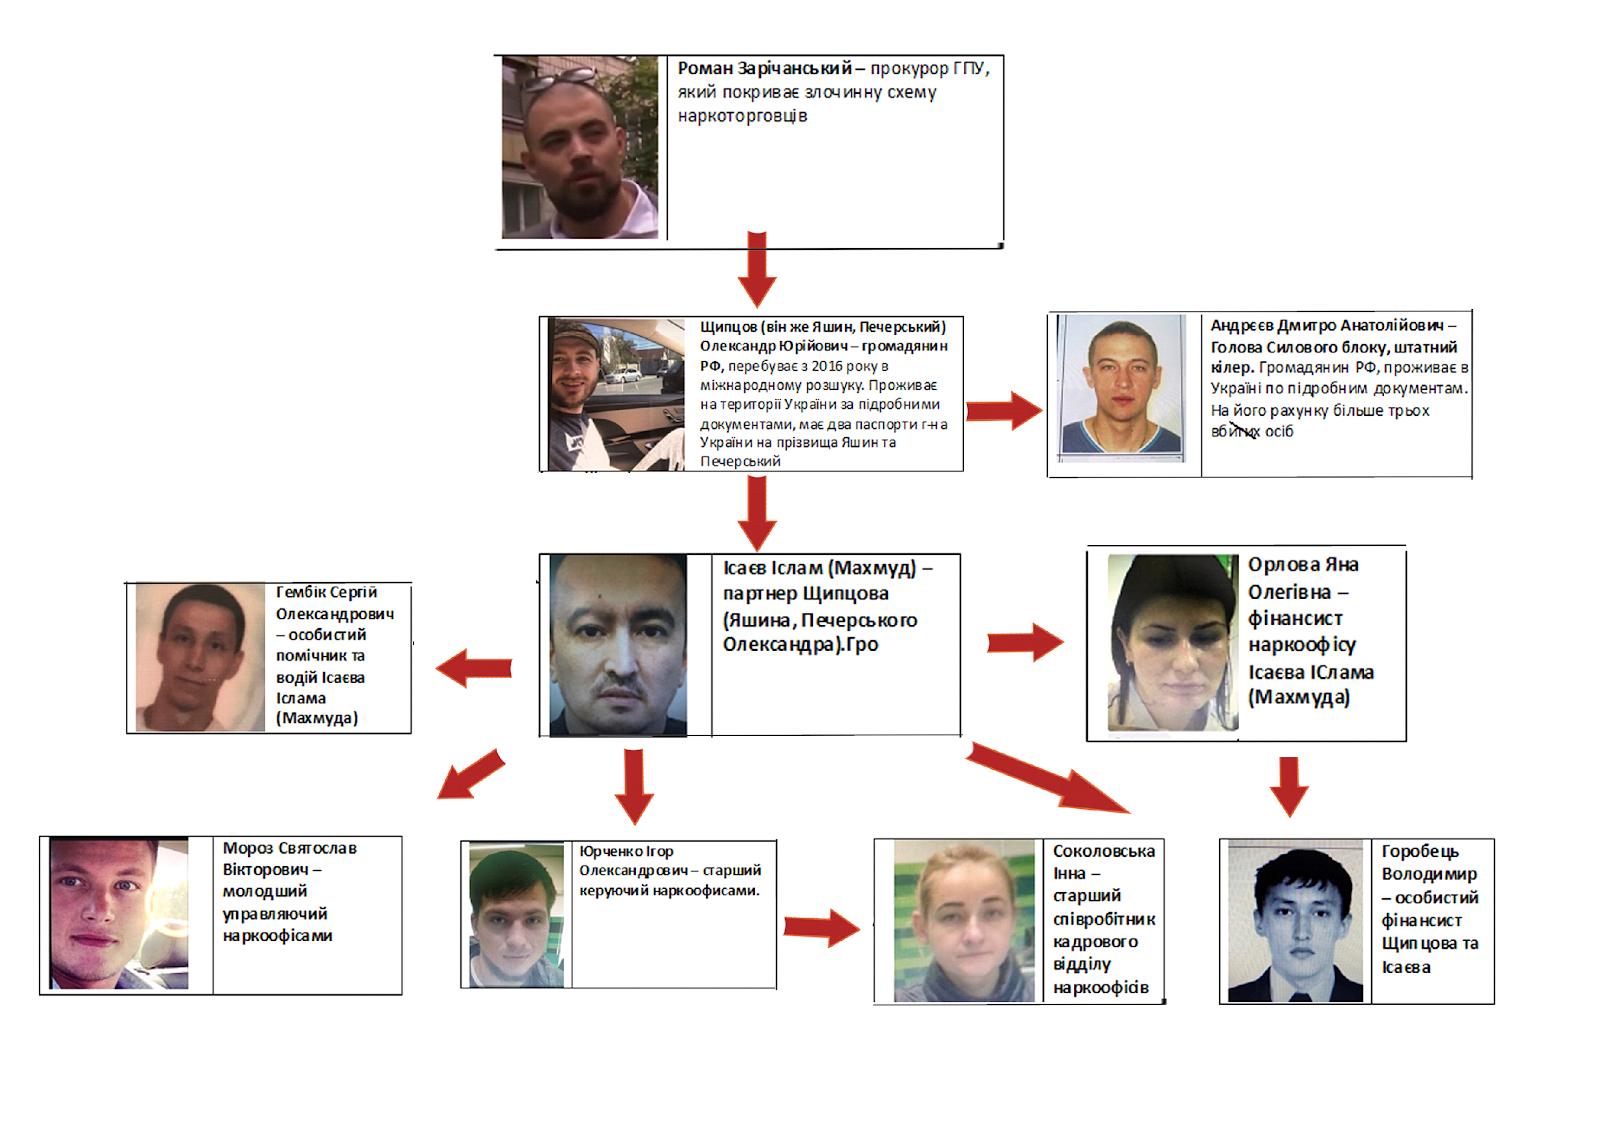 Наркобізнес процвітає — Генеральна прокуратура України збагачується